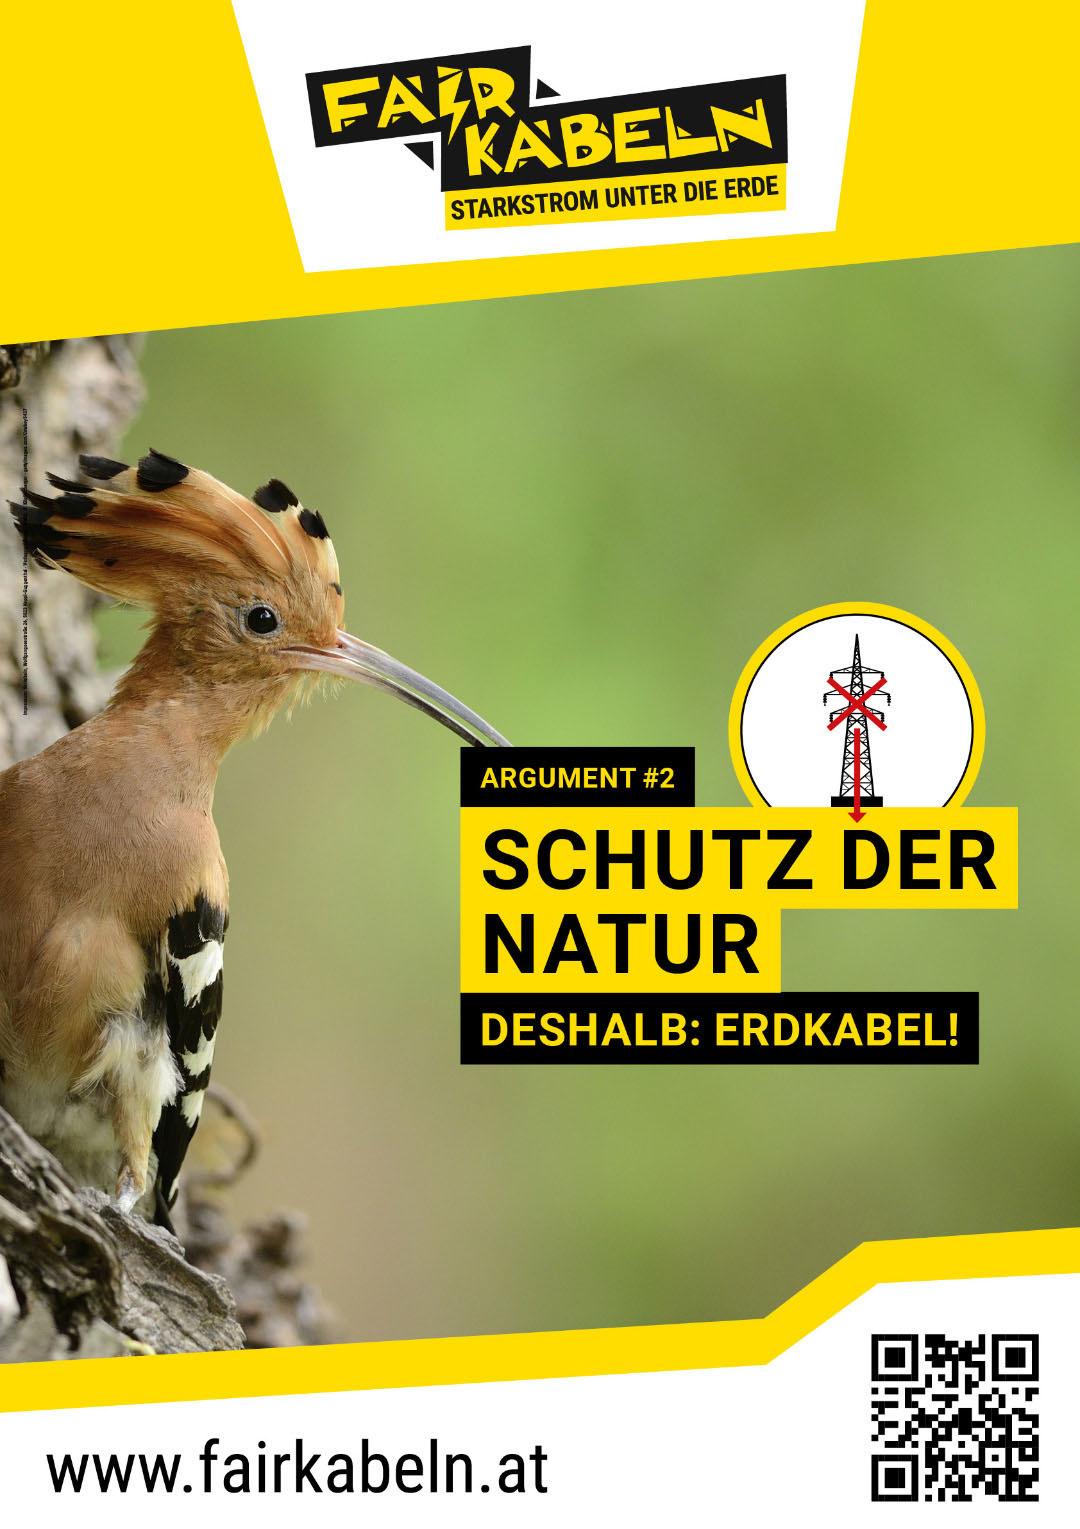 Schutz der Natur